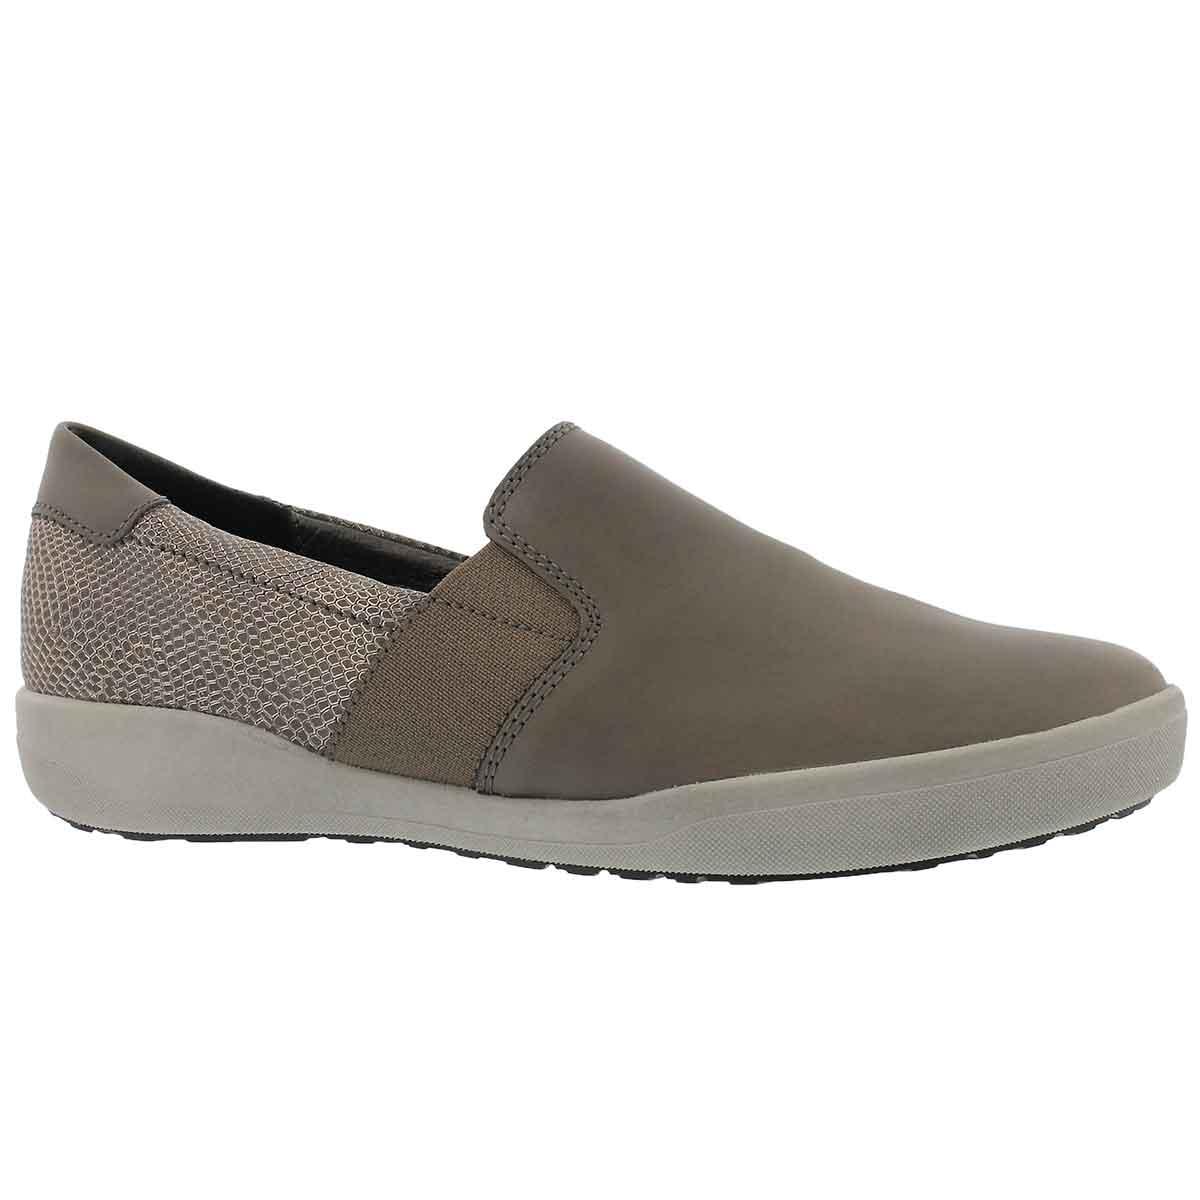 Women's SINA 19 asphalt casual slip on shoes